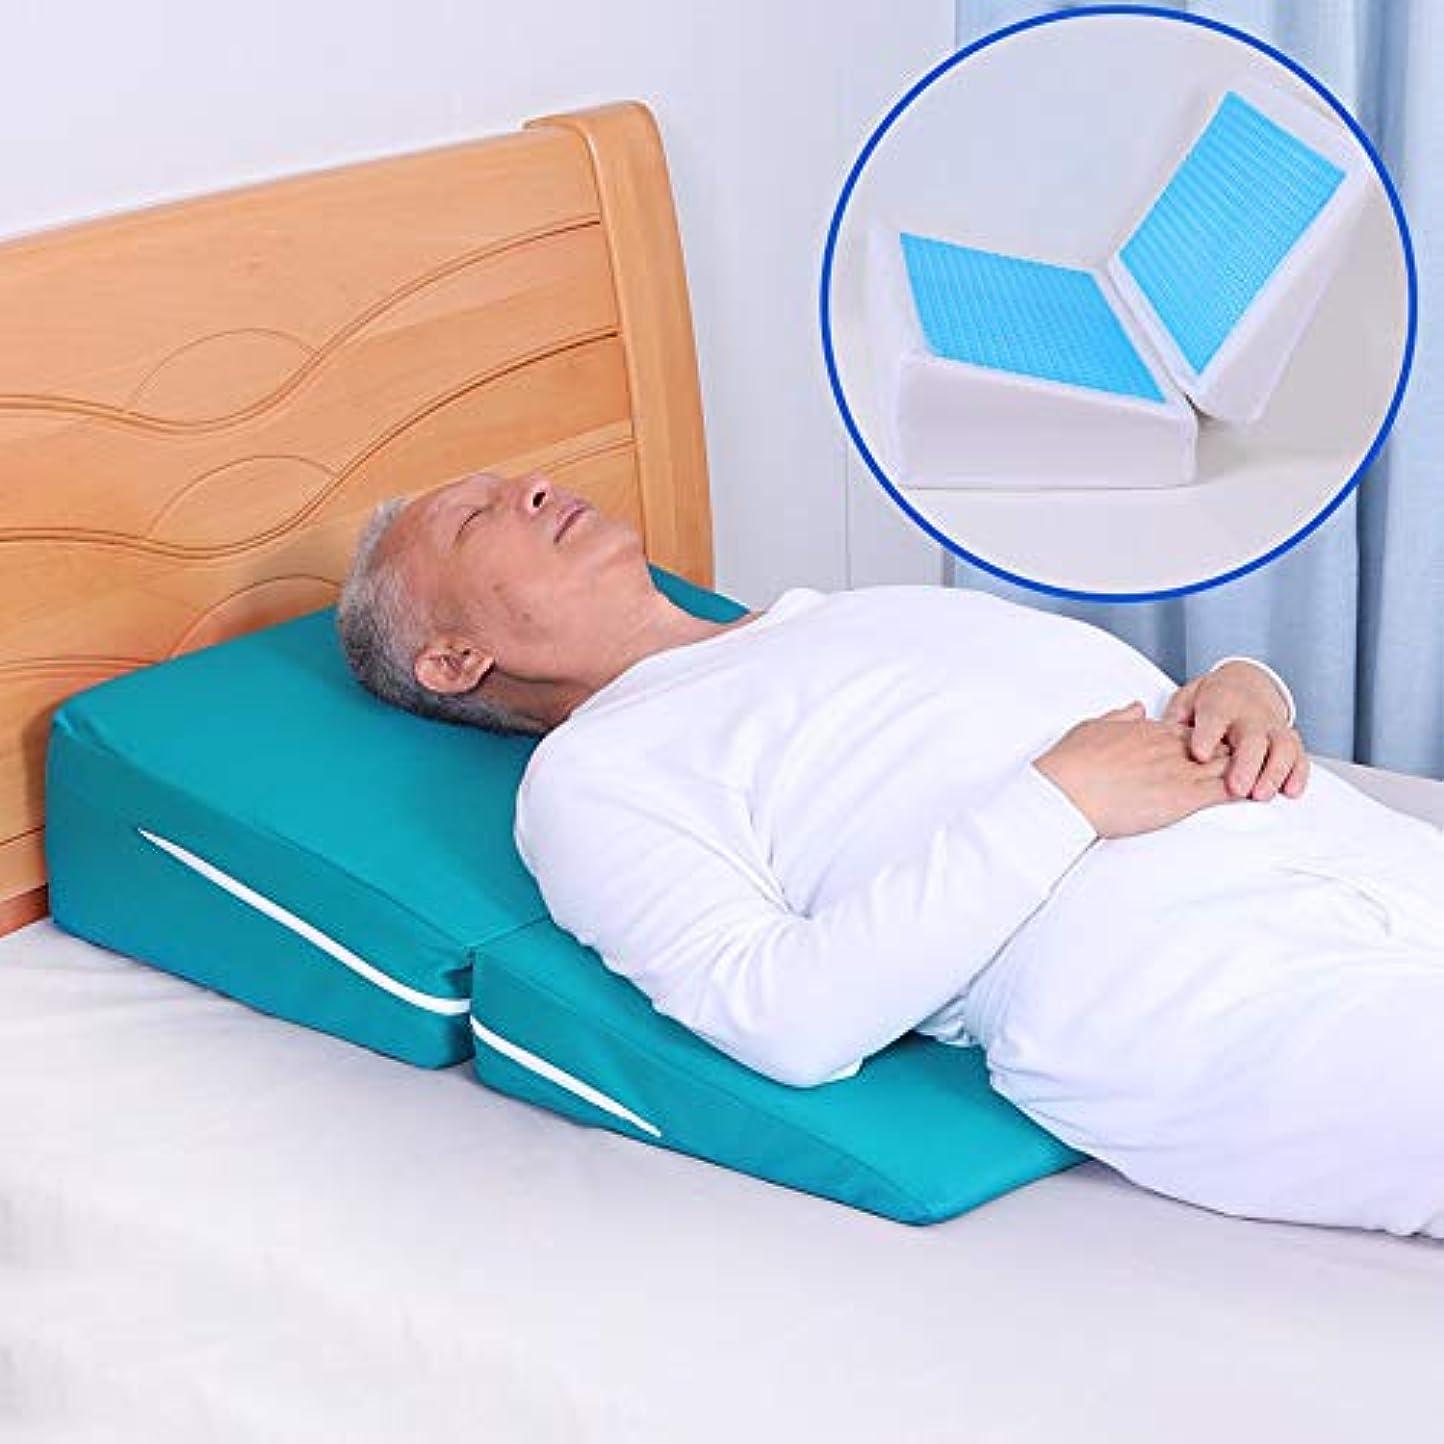 ビリーヤギゴージャス信頼性のあるいびき防止、ハートバーン、読書、腰痛、腰痛のための折りたたみ式メモリフォームベッドウェッジピロー-取り外し可能なカバー付きインクラインクッション